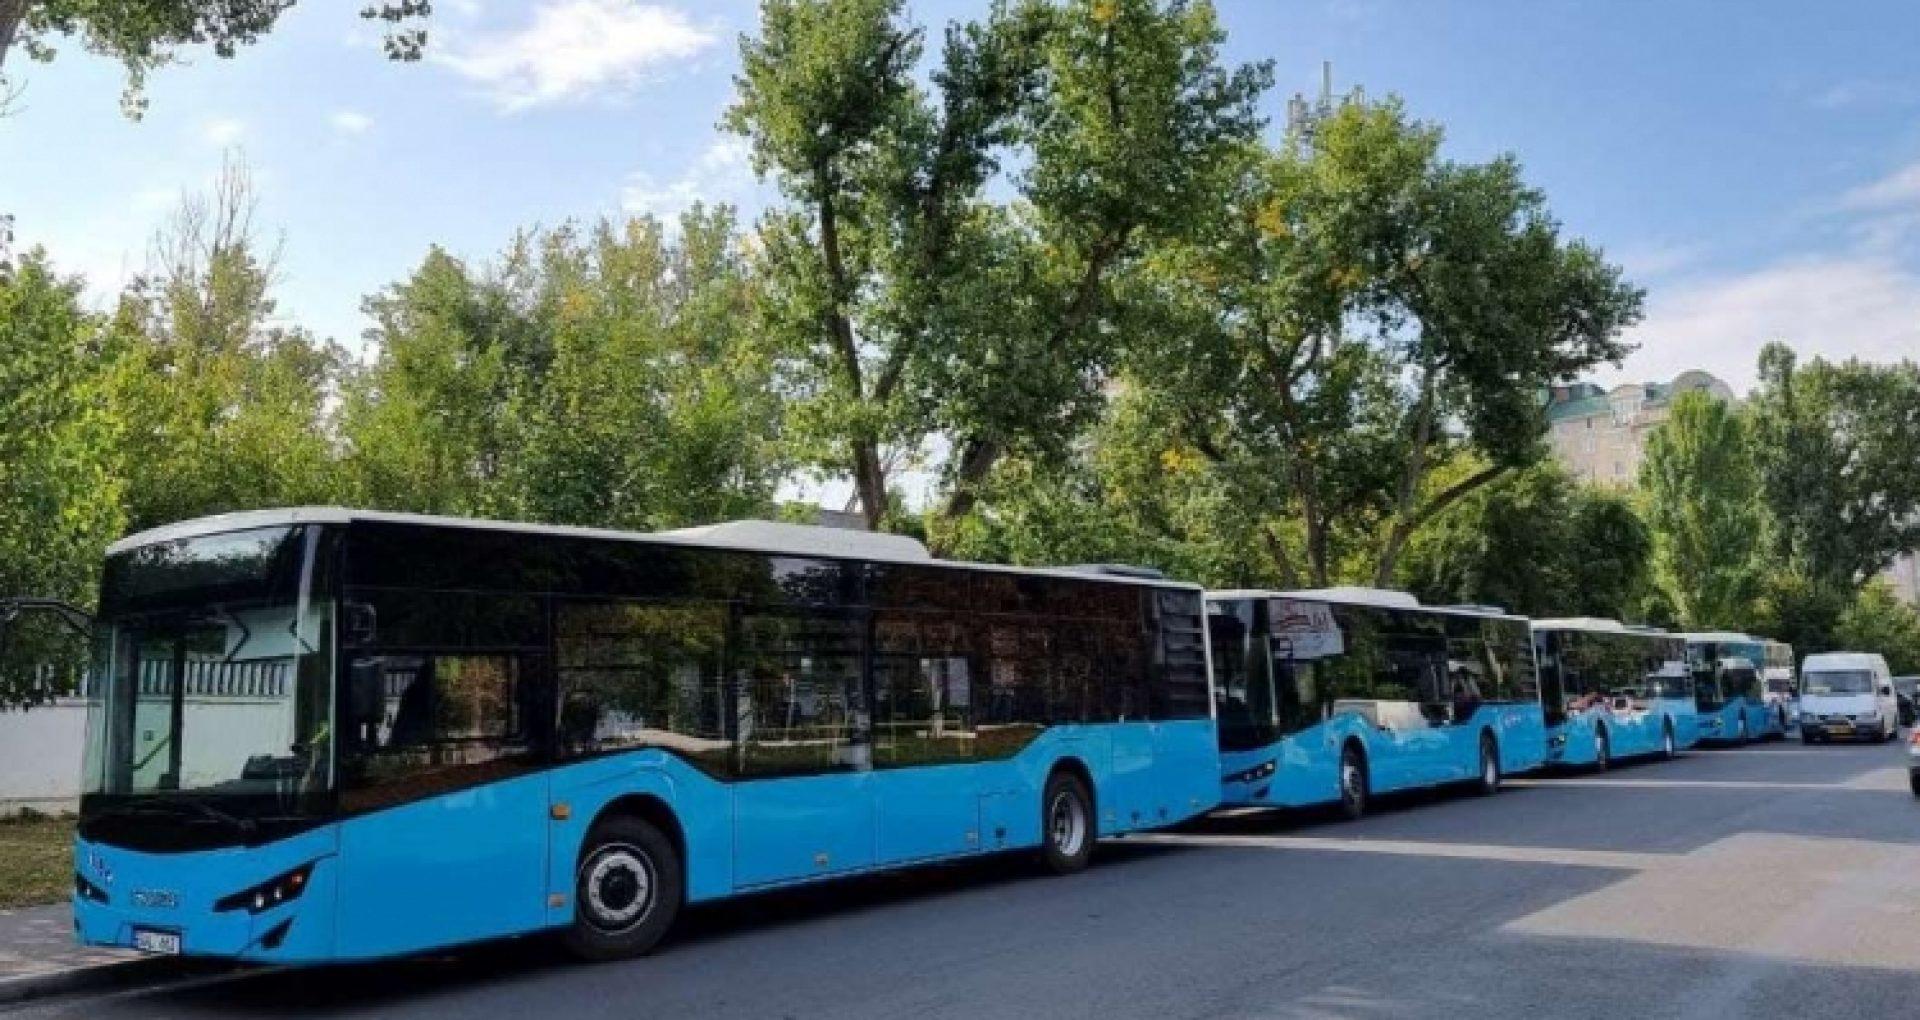 """Cinci autobuze noi pe ruta nr. 9 """"Piața D. Cantemir – or. Codru"""", care avea doar două unități"""